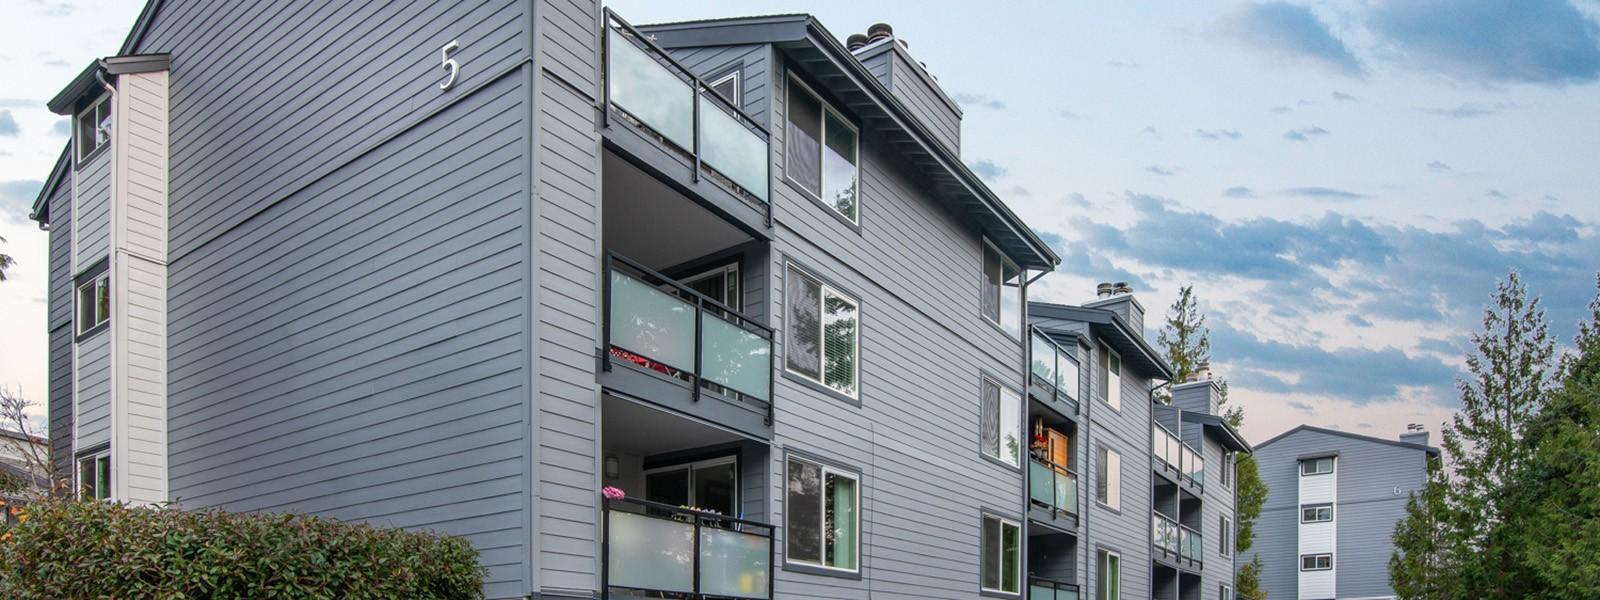 Vantage Point Condominiums - Renton, WA